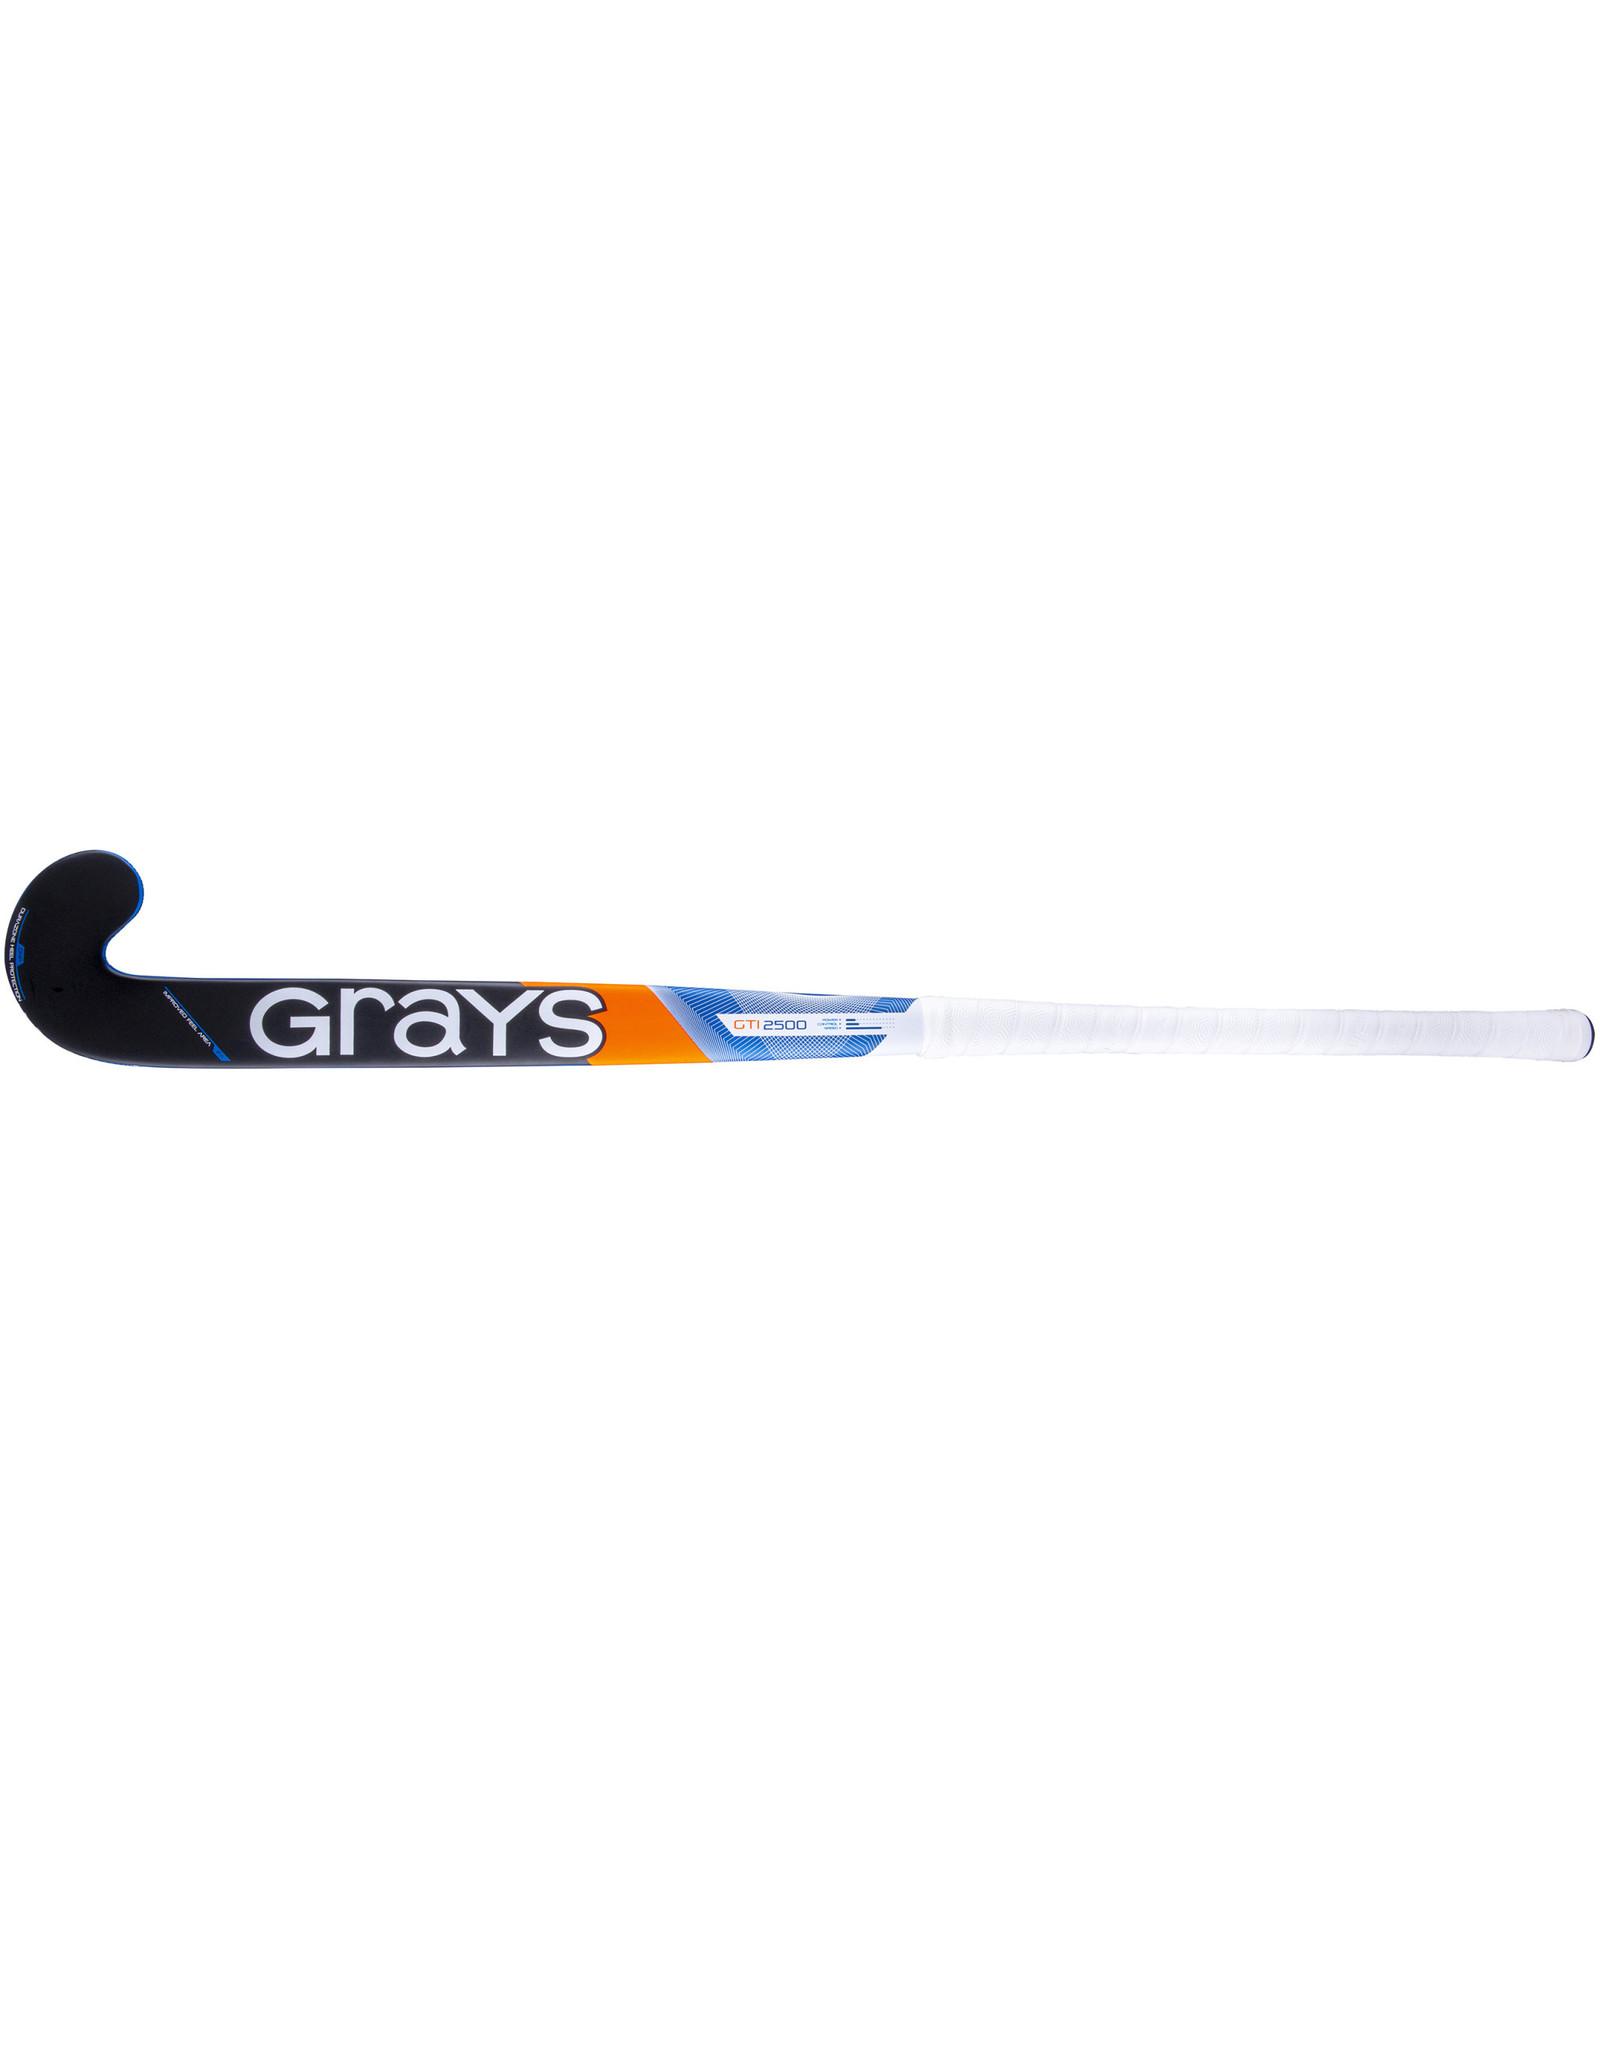 Grays STK GTI2500 DB